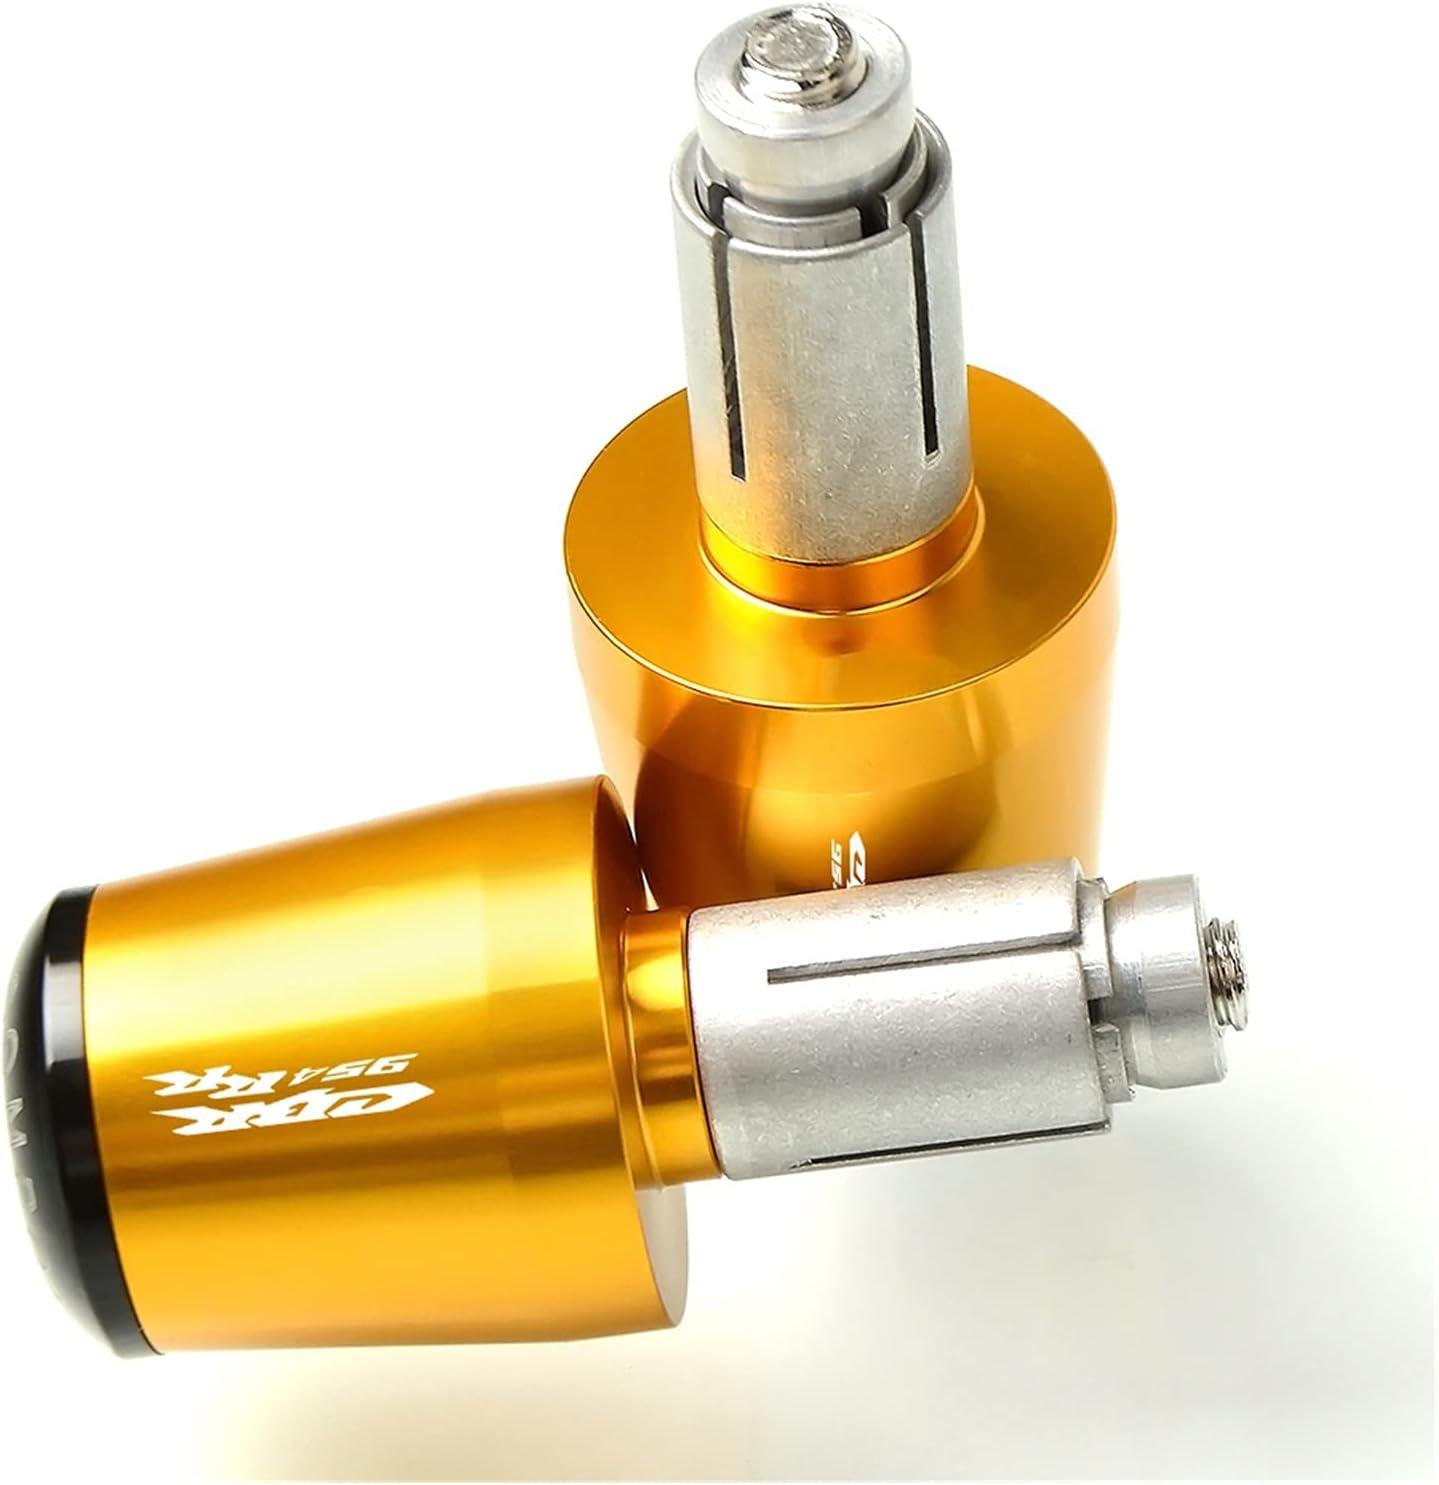 WJSM for Honda CBR954RR CBR954 RR Max 48% Purchase OFF 2002-2003 CBR 954 Motorcycl